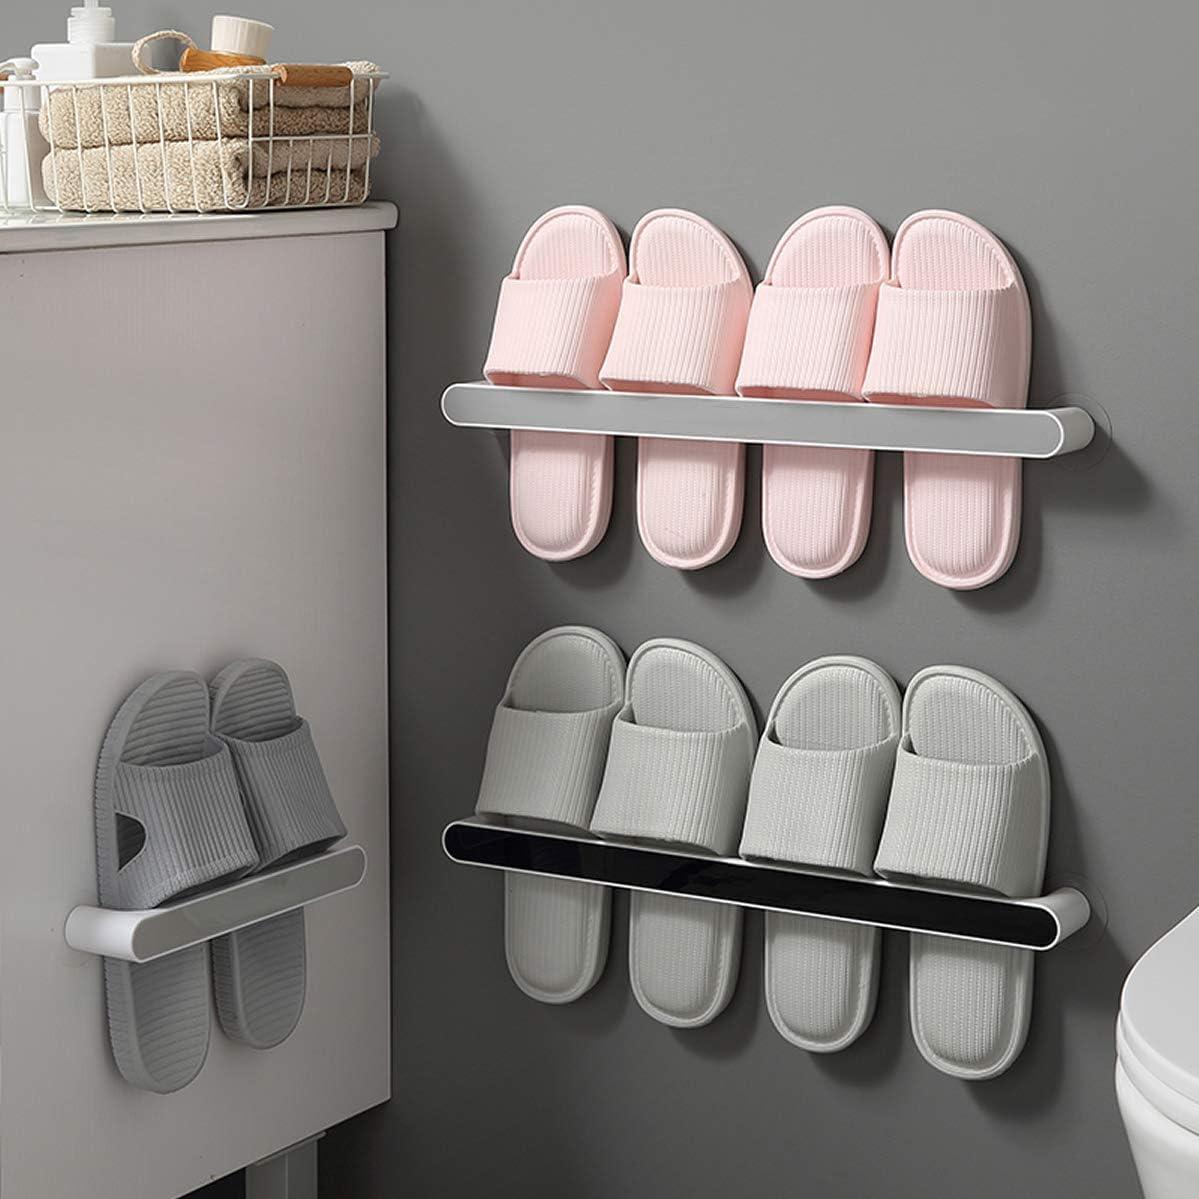 Adhesive Punch-free Plastic Door Hangers Wall Hanger Towel Rack Clothes Hook